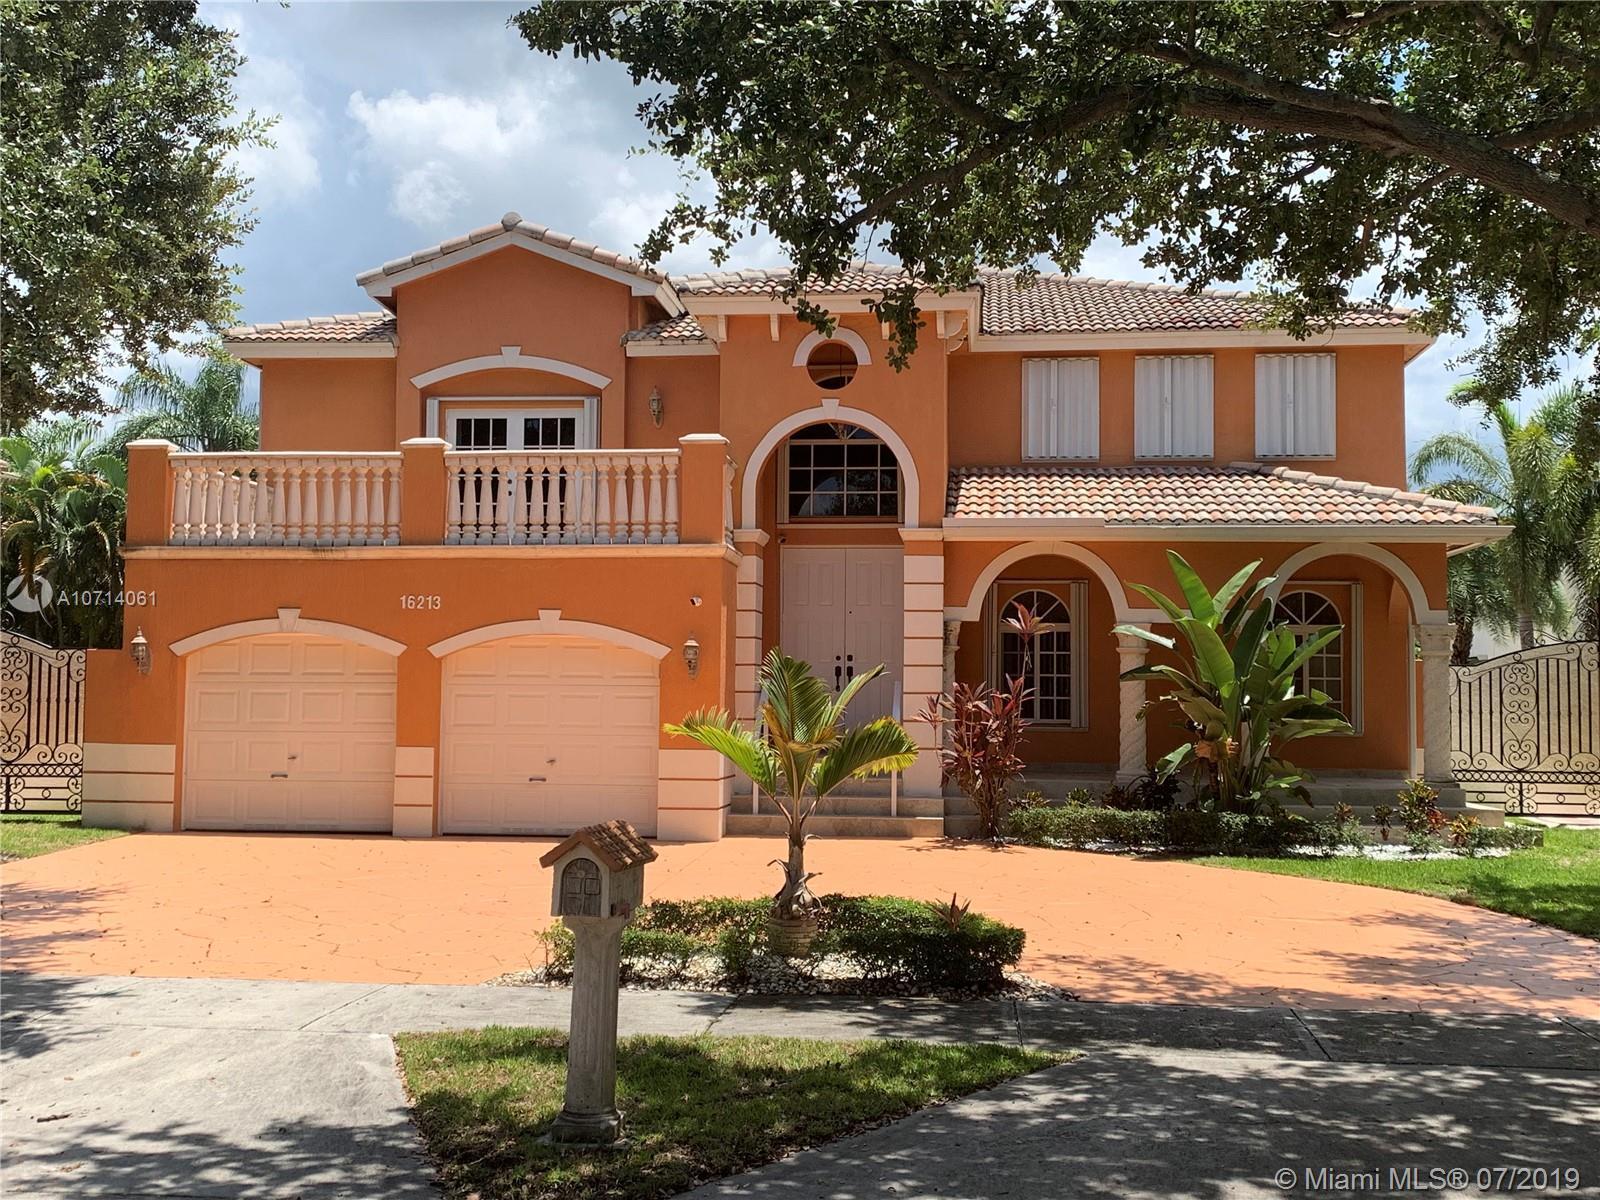 16213 NW 84th Pl, Miami Lakes FL 33016